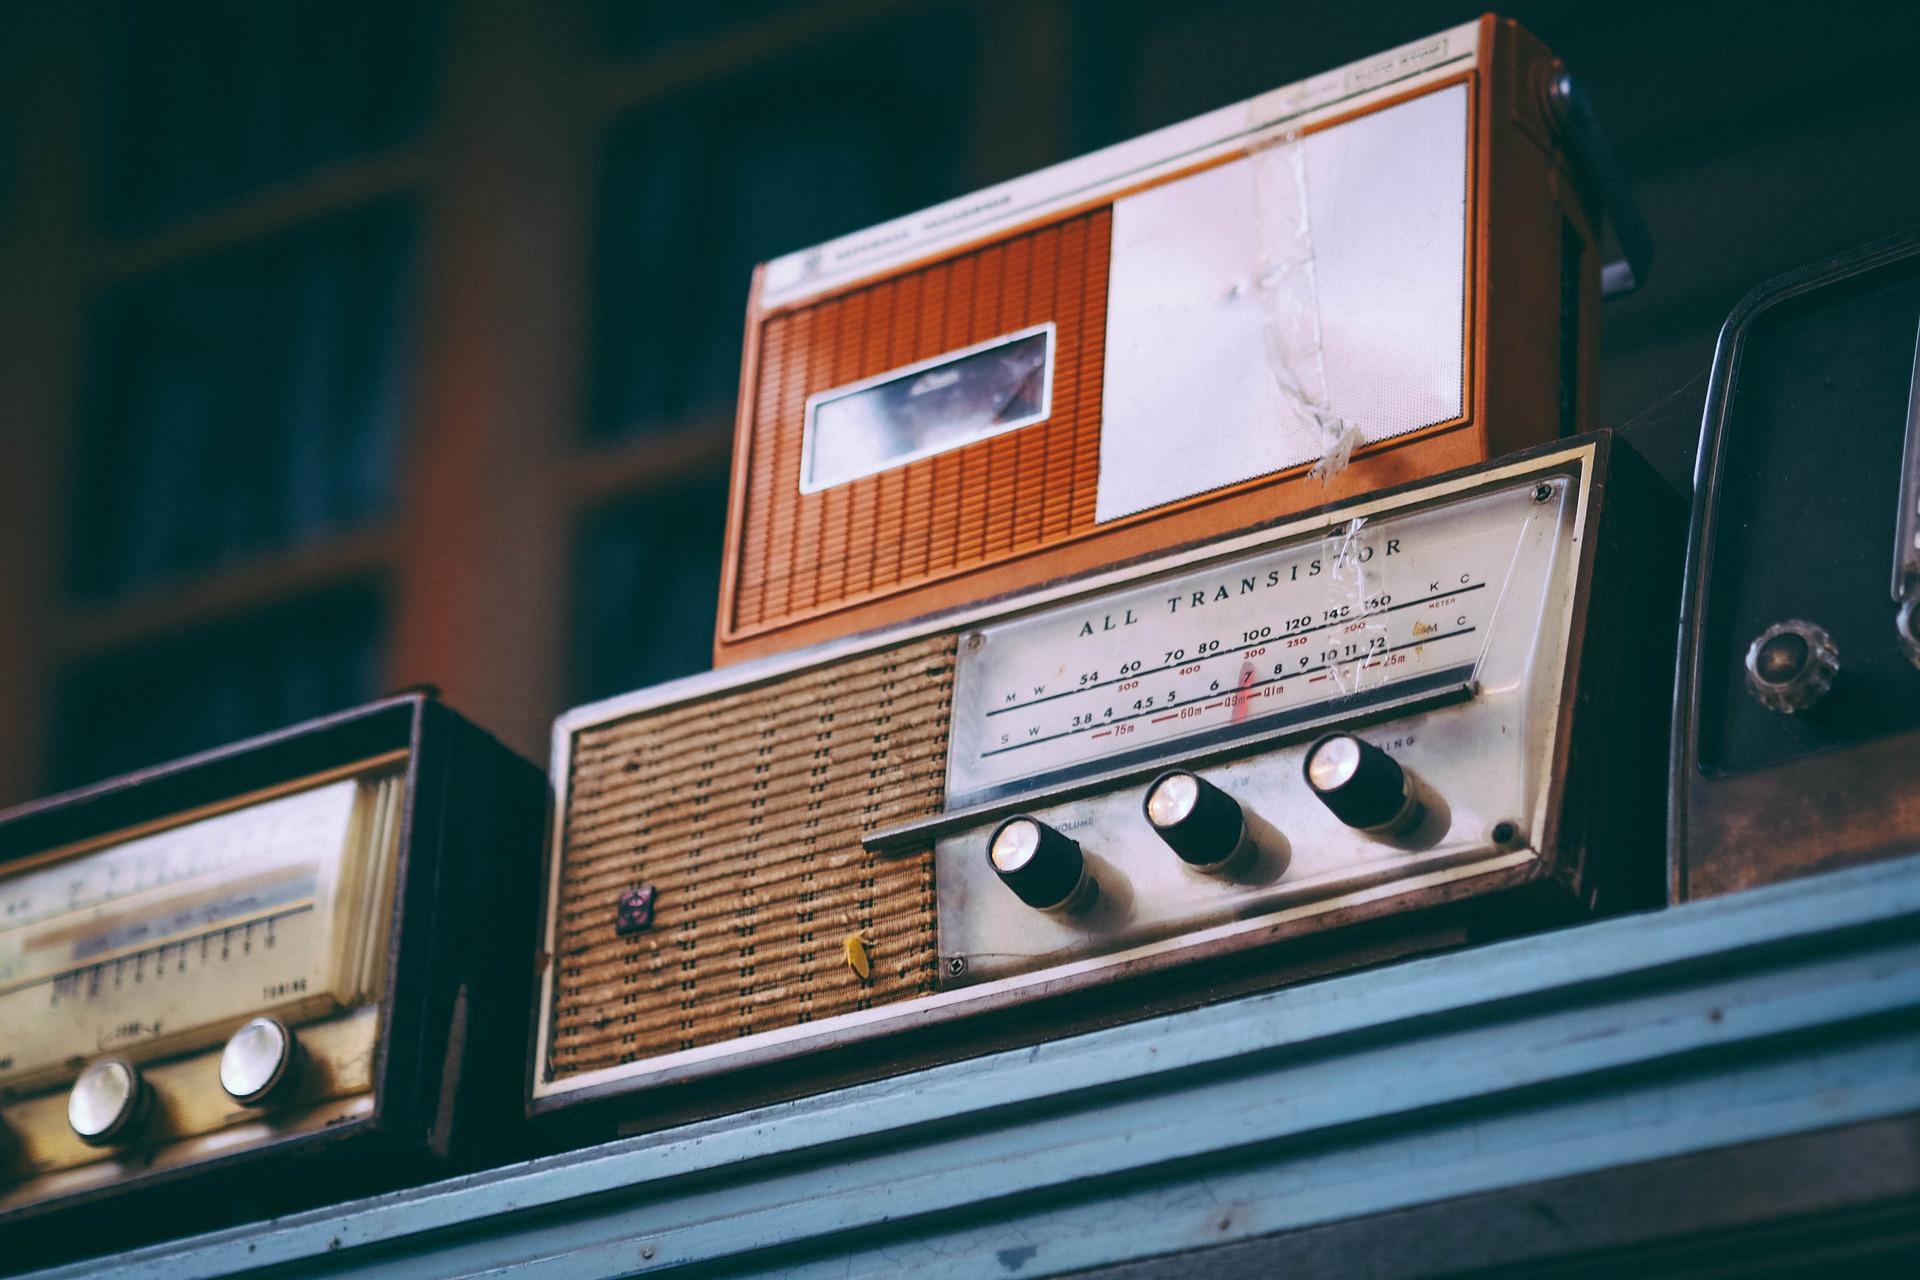 【ドライブ×音楽】無料で使えるドライブデートにピッタリなラジオ【AFN】